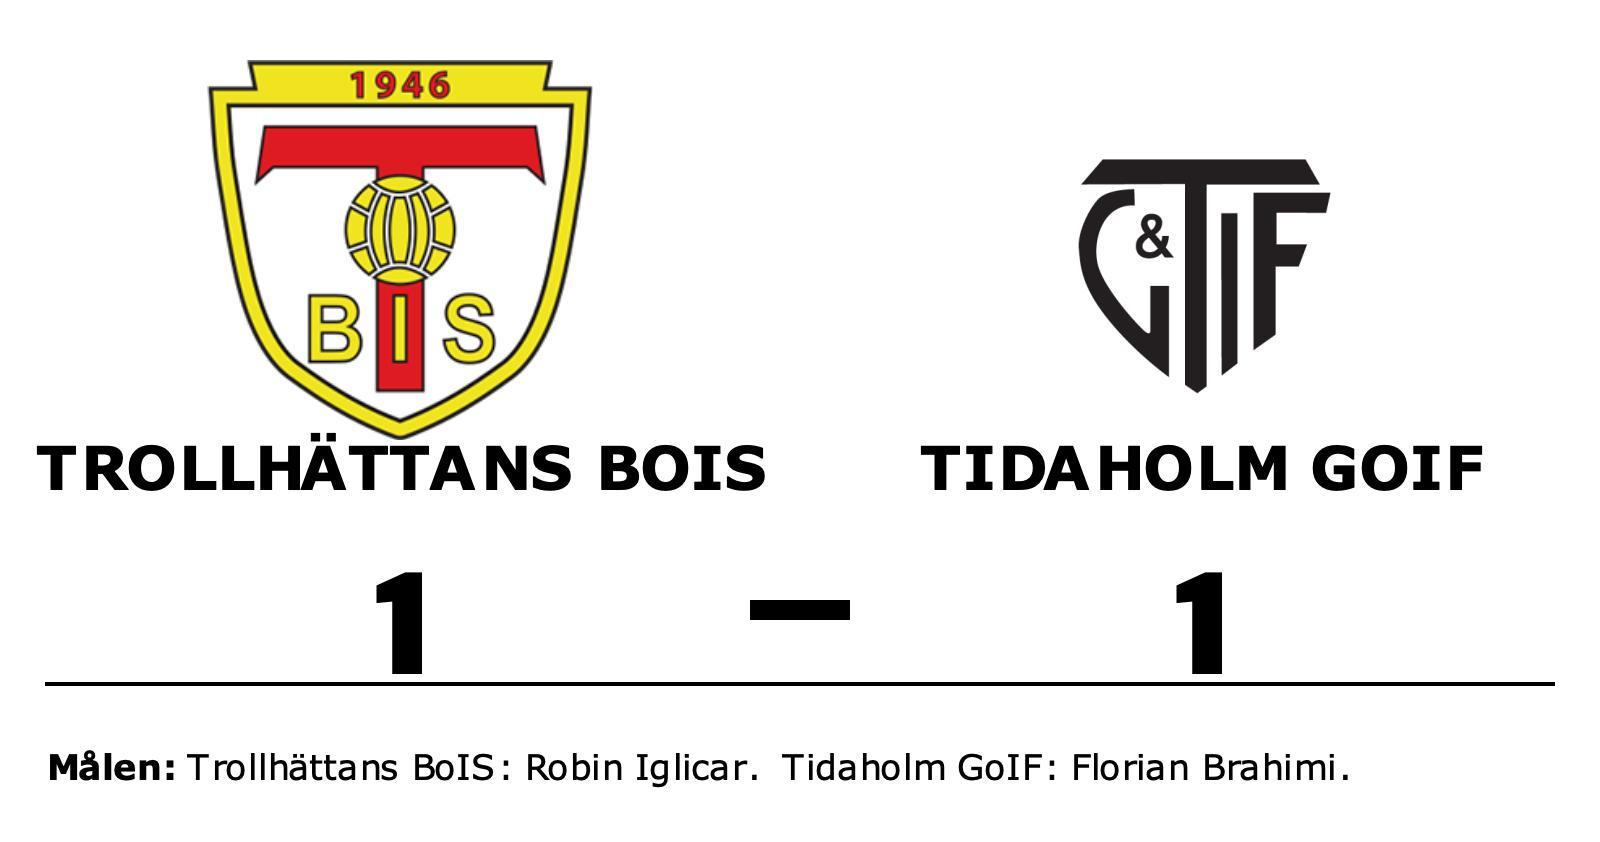 Robin Iglicar räddade poäng när Trollhättans BoIS kryssade mot Tidaholm GoIF